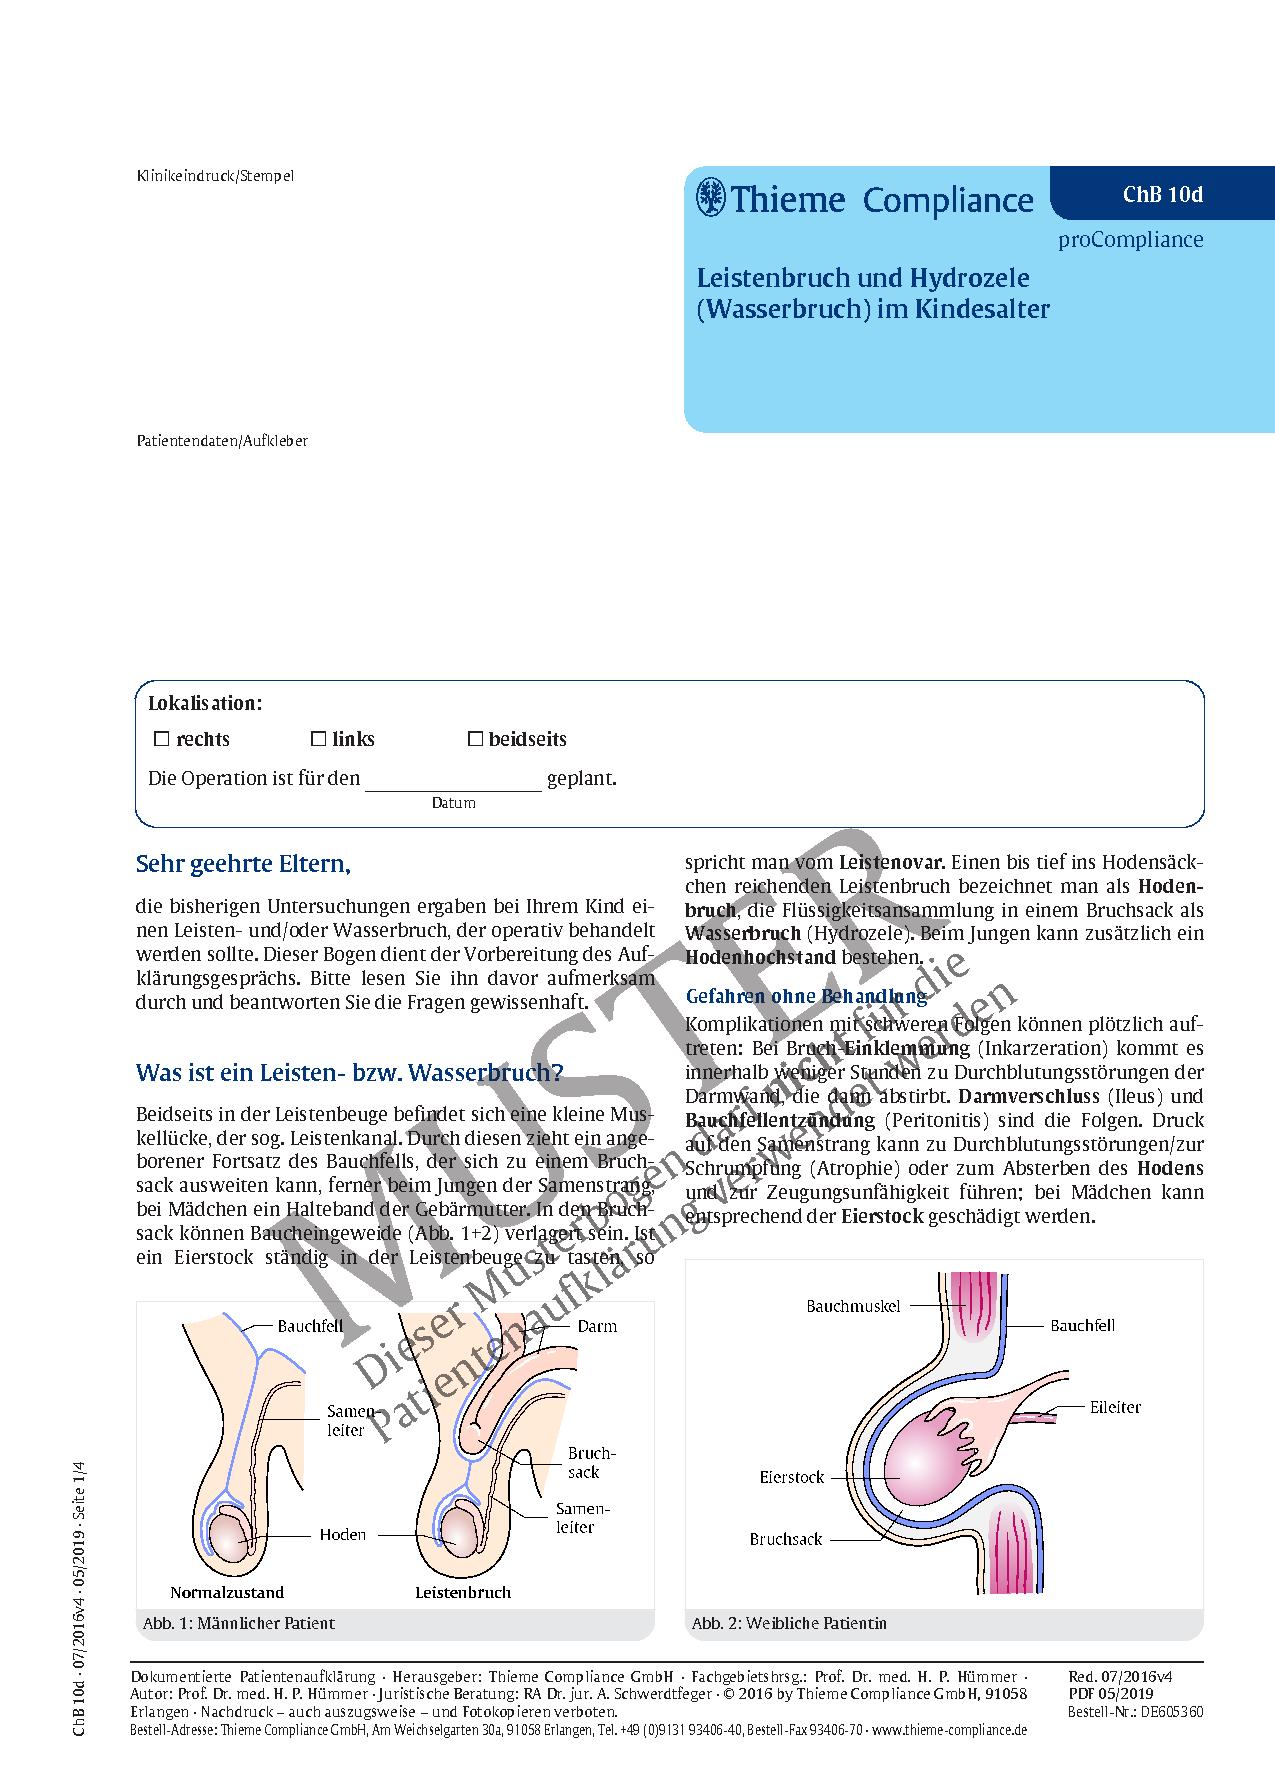 Großzügig Anatomie Und Physiologie Des Leistenbruches Zeitgenössisch ...